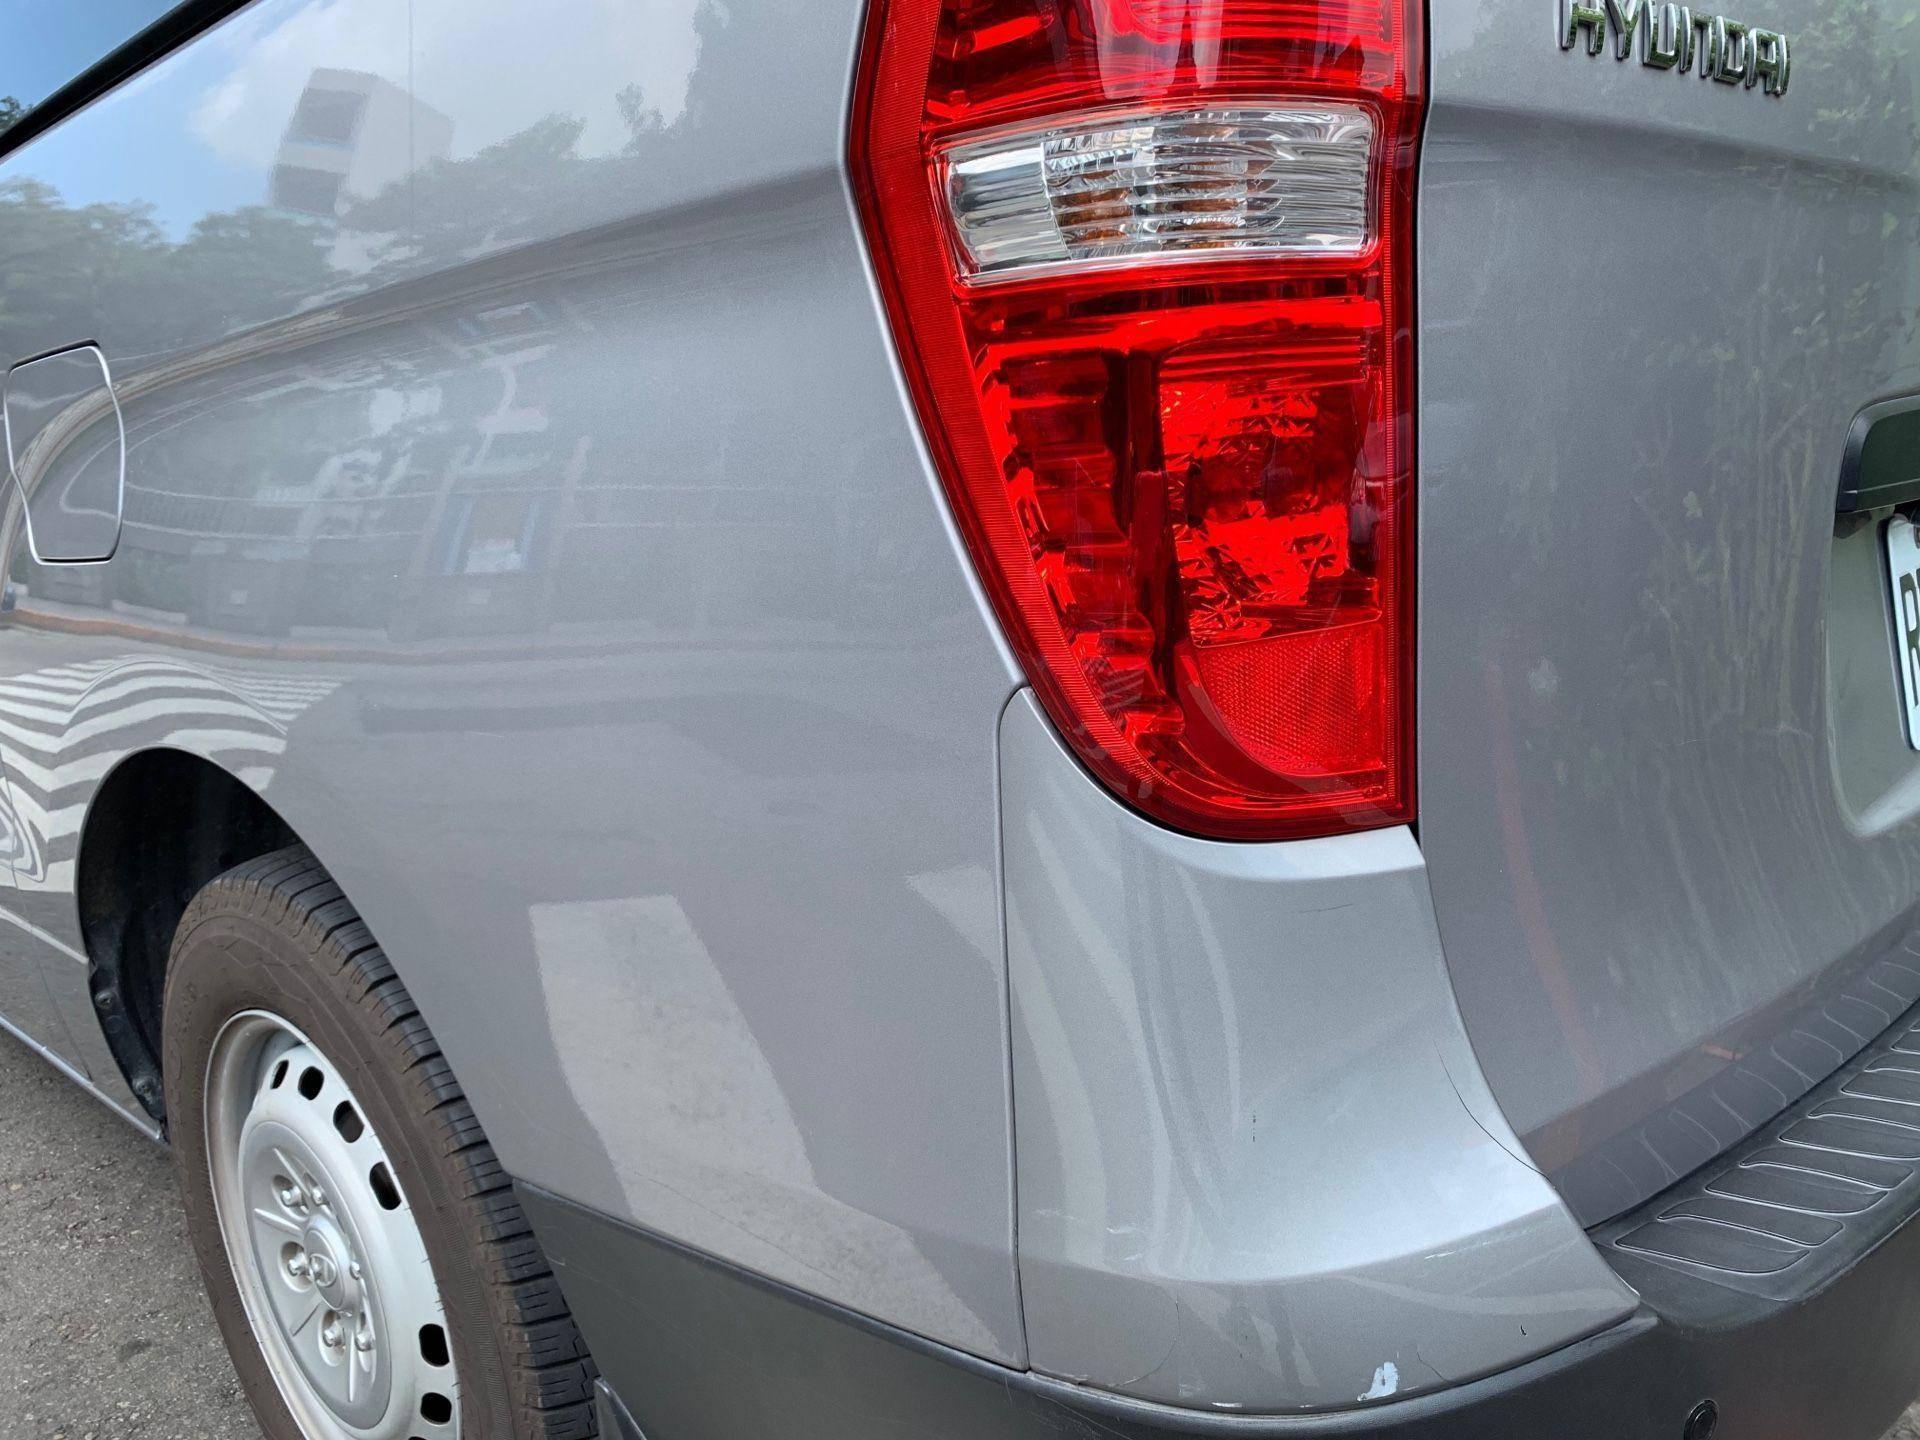 【振傑汽車】現代/Hyundai STAREX 右後損傷#內飾板烤漆#後燈破裂更換#事故